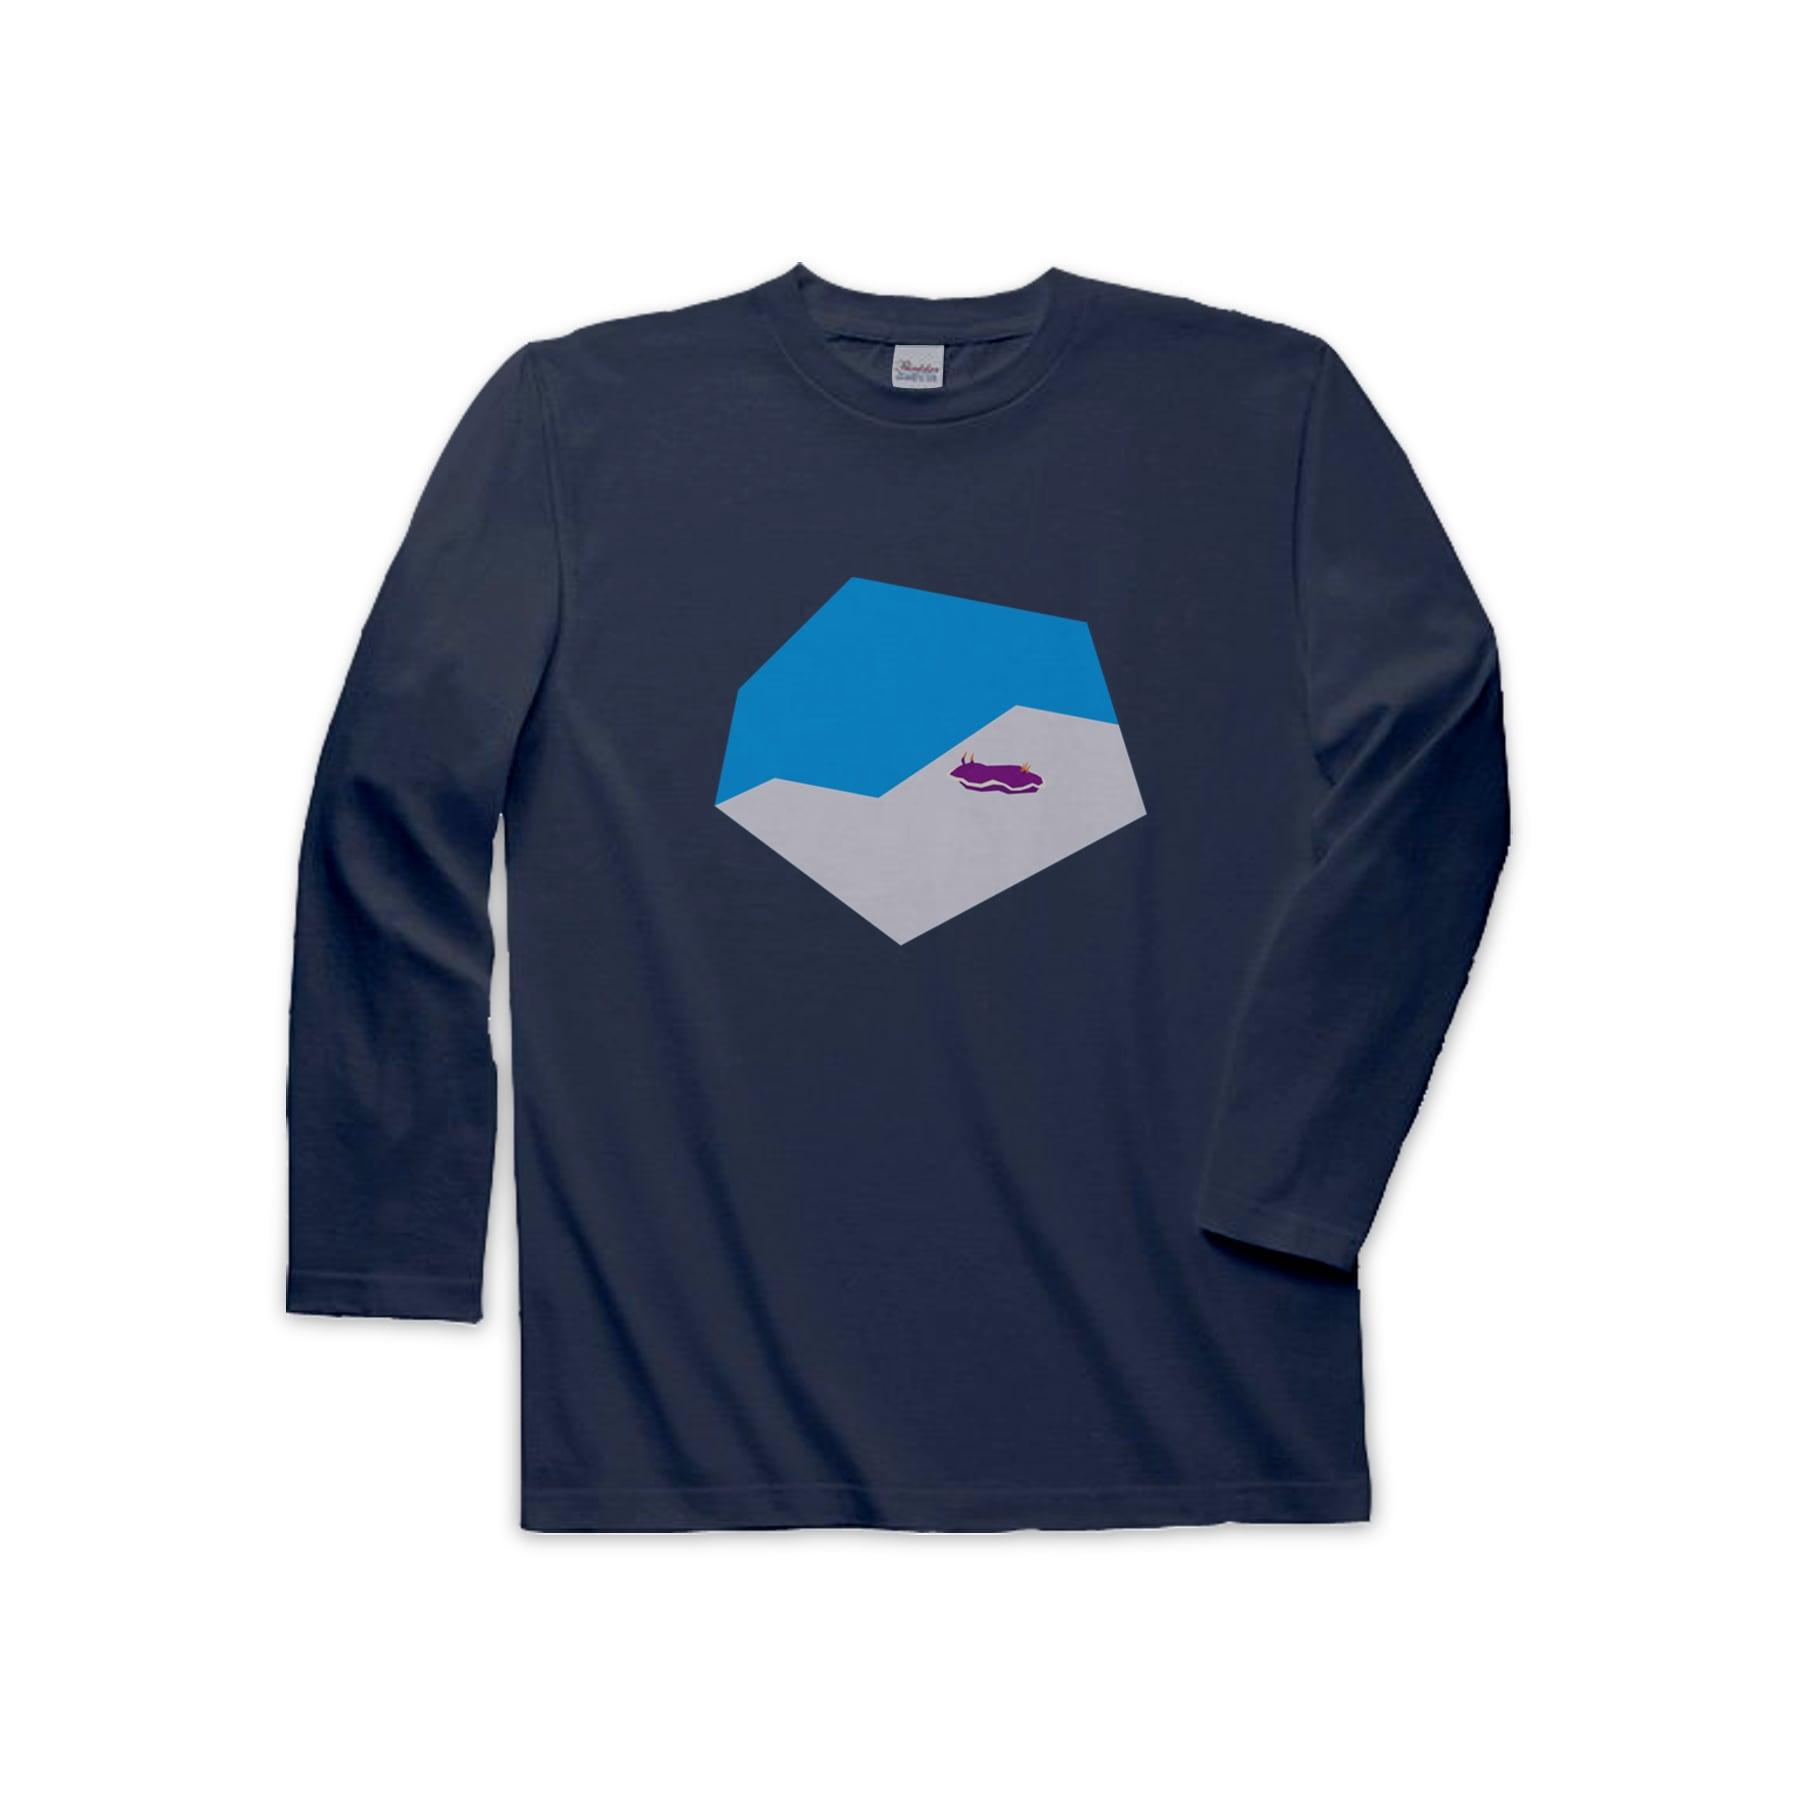 動物Tシャツ(長袖)-ウミウシ(ネイビー)